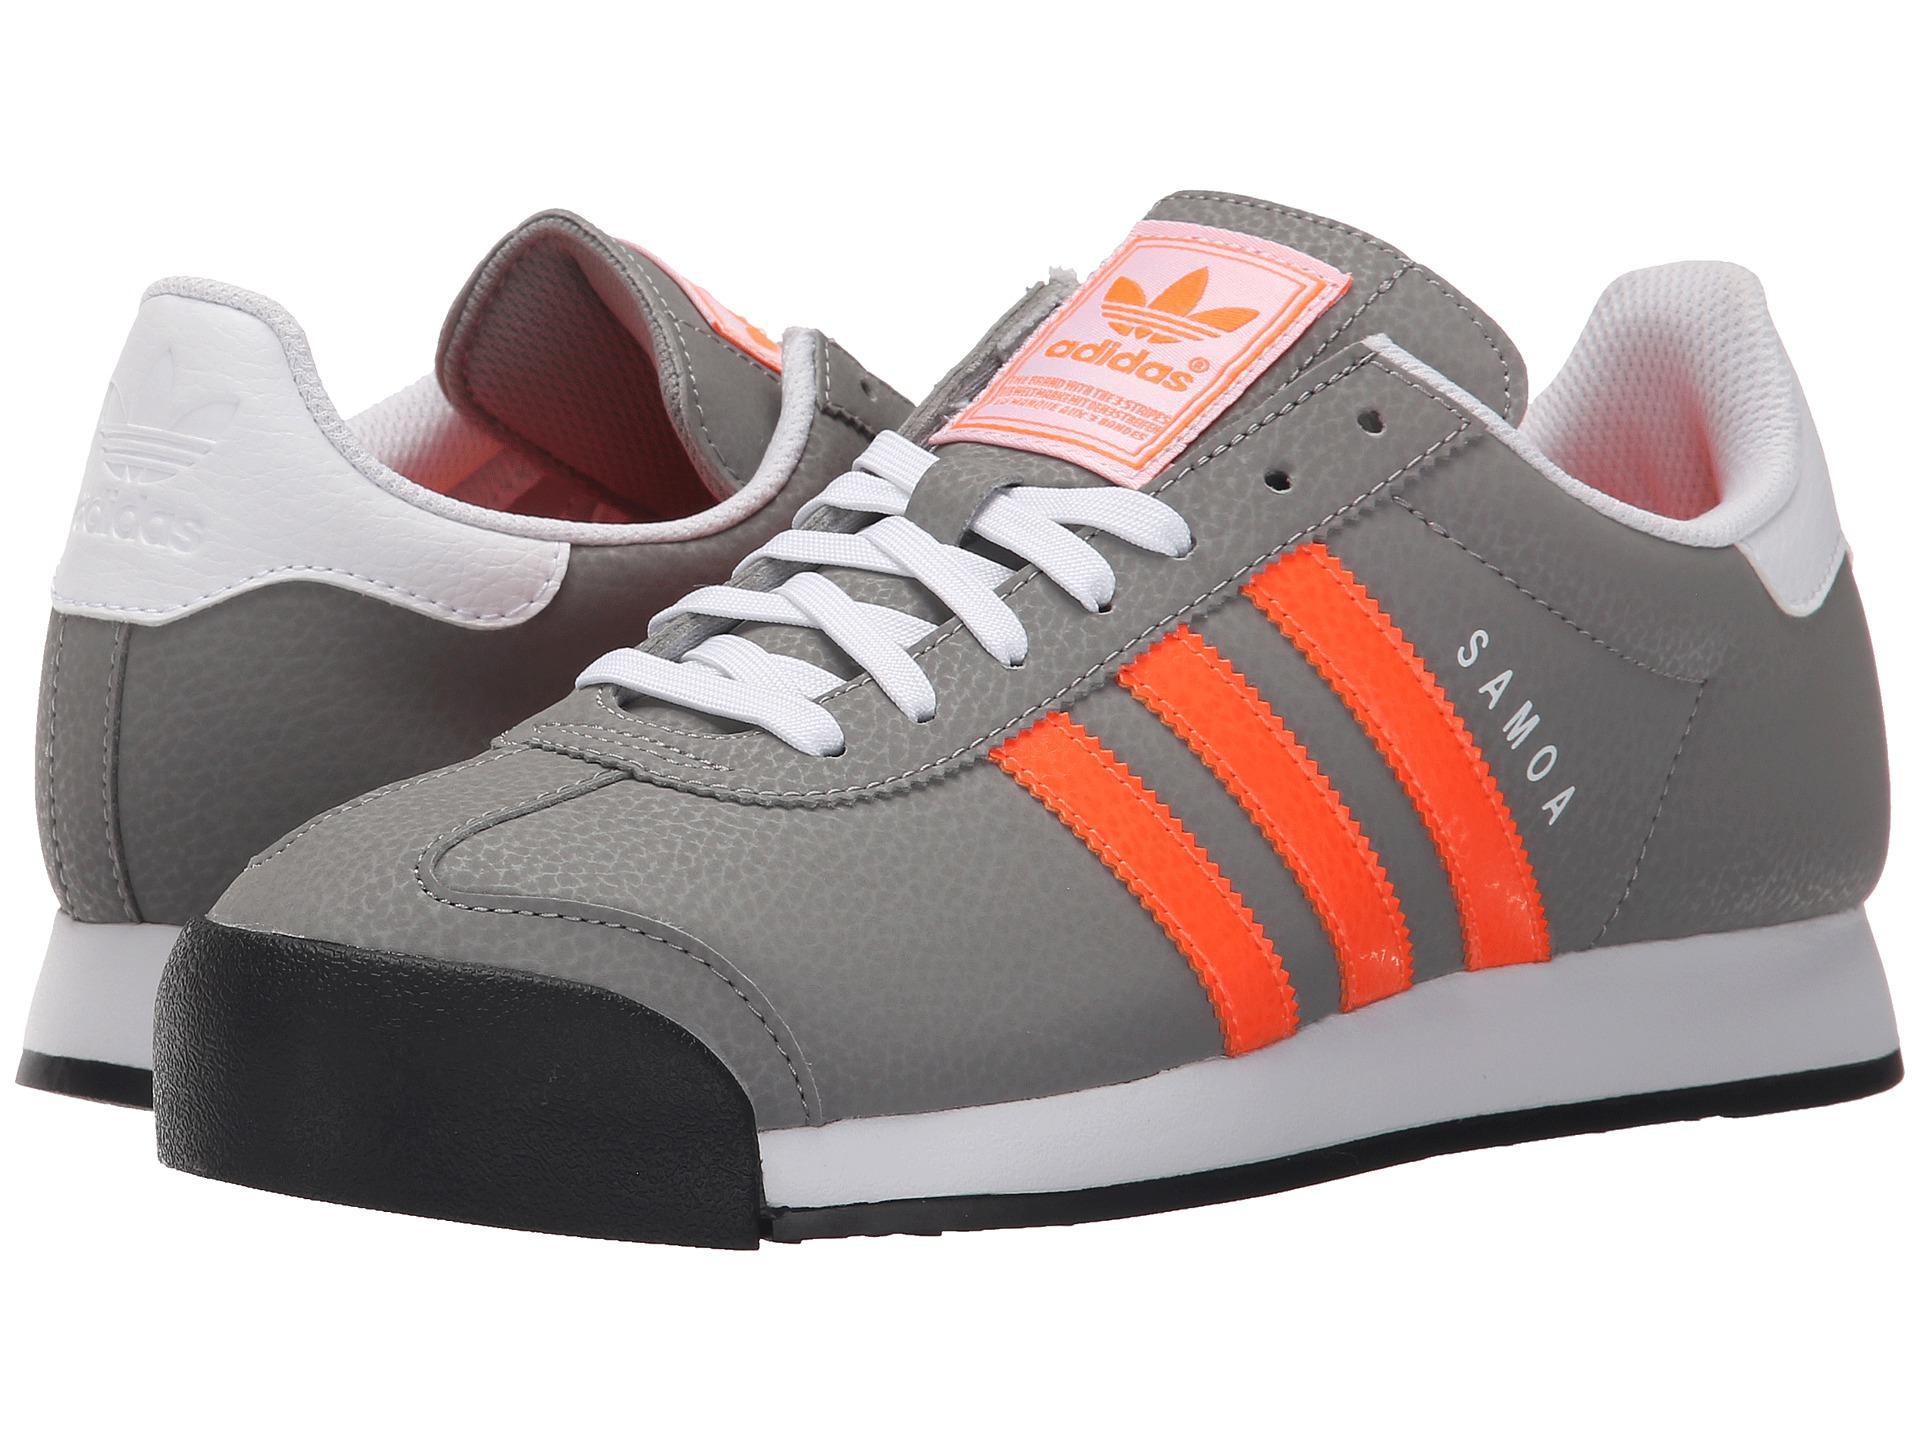 Lyst - Adidas Originals Samoa in Orange for Men